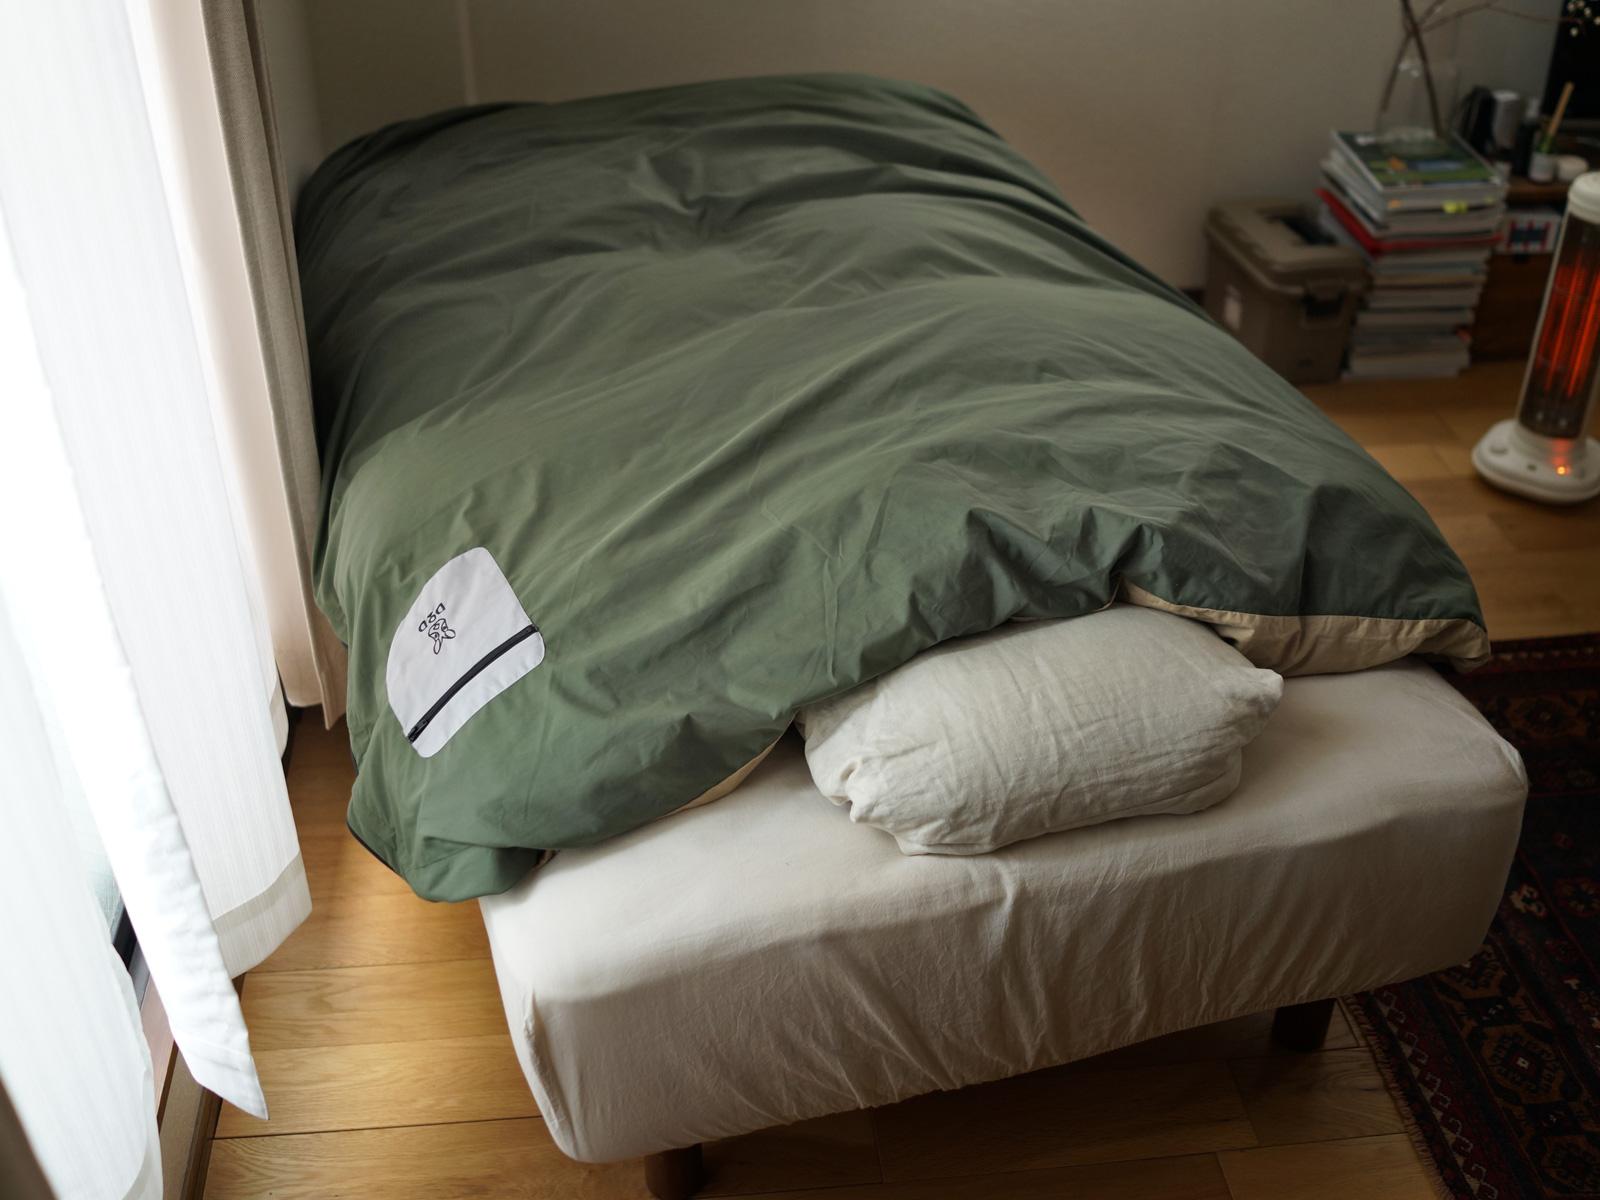 フトンキャンパー(シングルサイズ)のメインの特徴(家での掛け布団カバーとしても遜色ない質感)